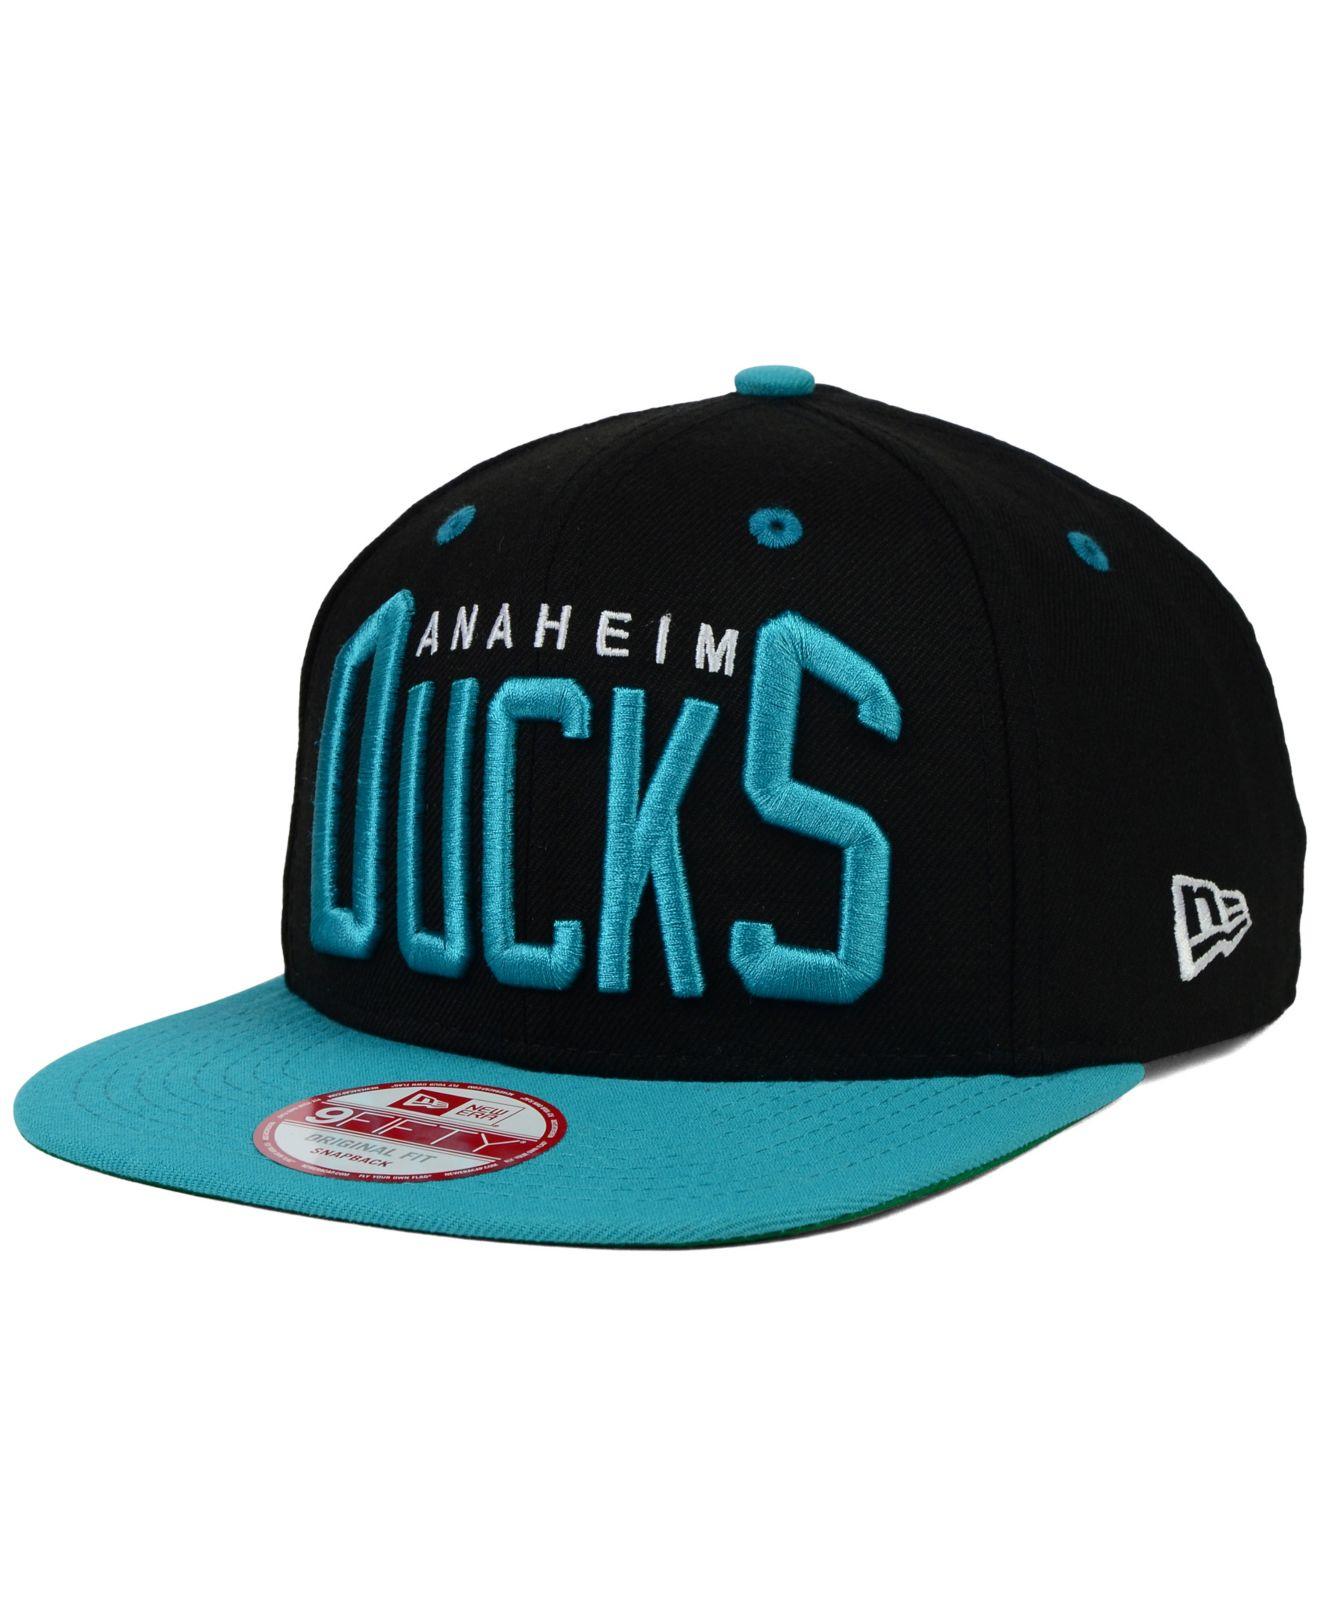 wholesale dealer 61941 b8dd2 ... top quality lyst ktz anaheim ducks vintage big word 9fifty snapback cap  in 9eb2b c2dd7